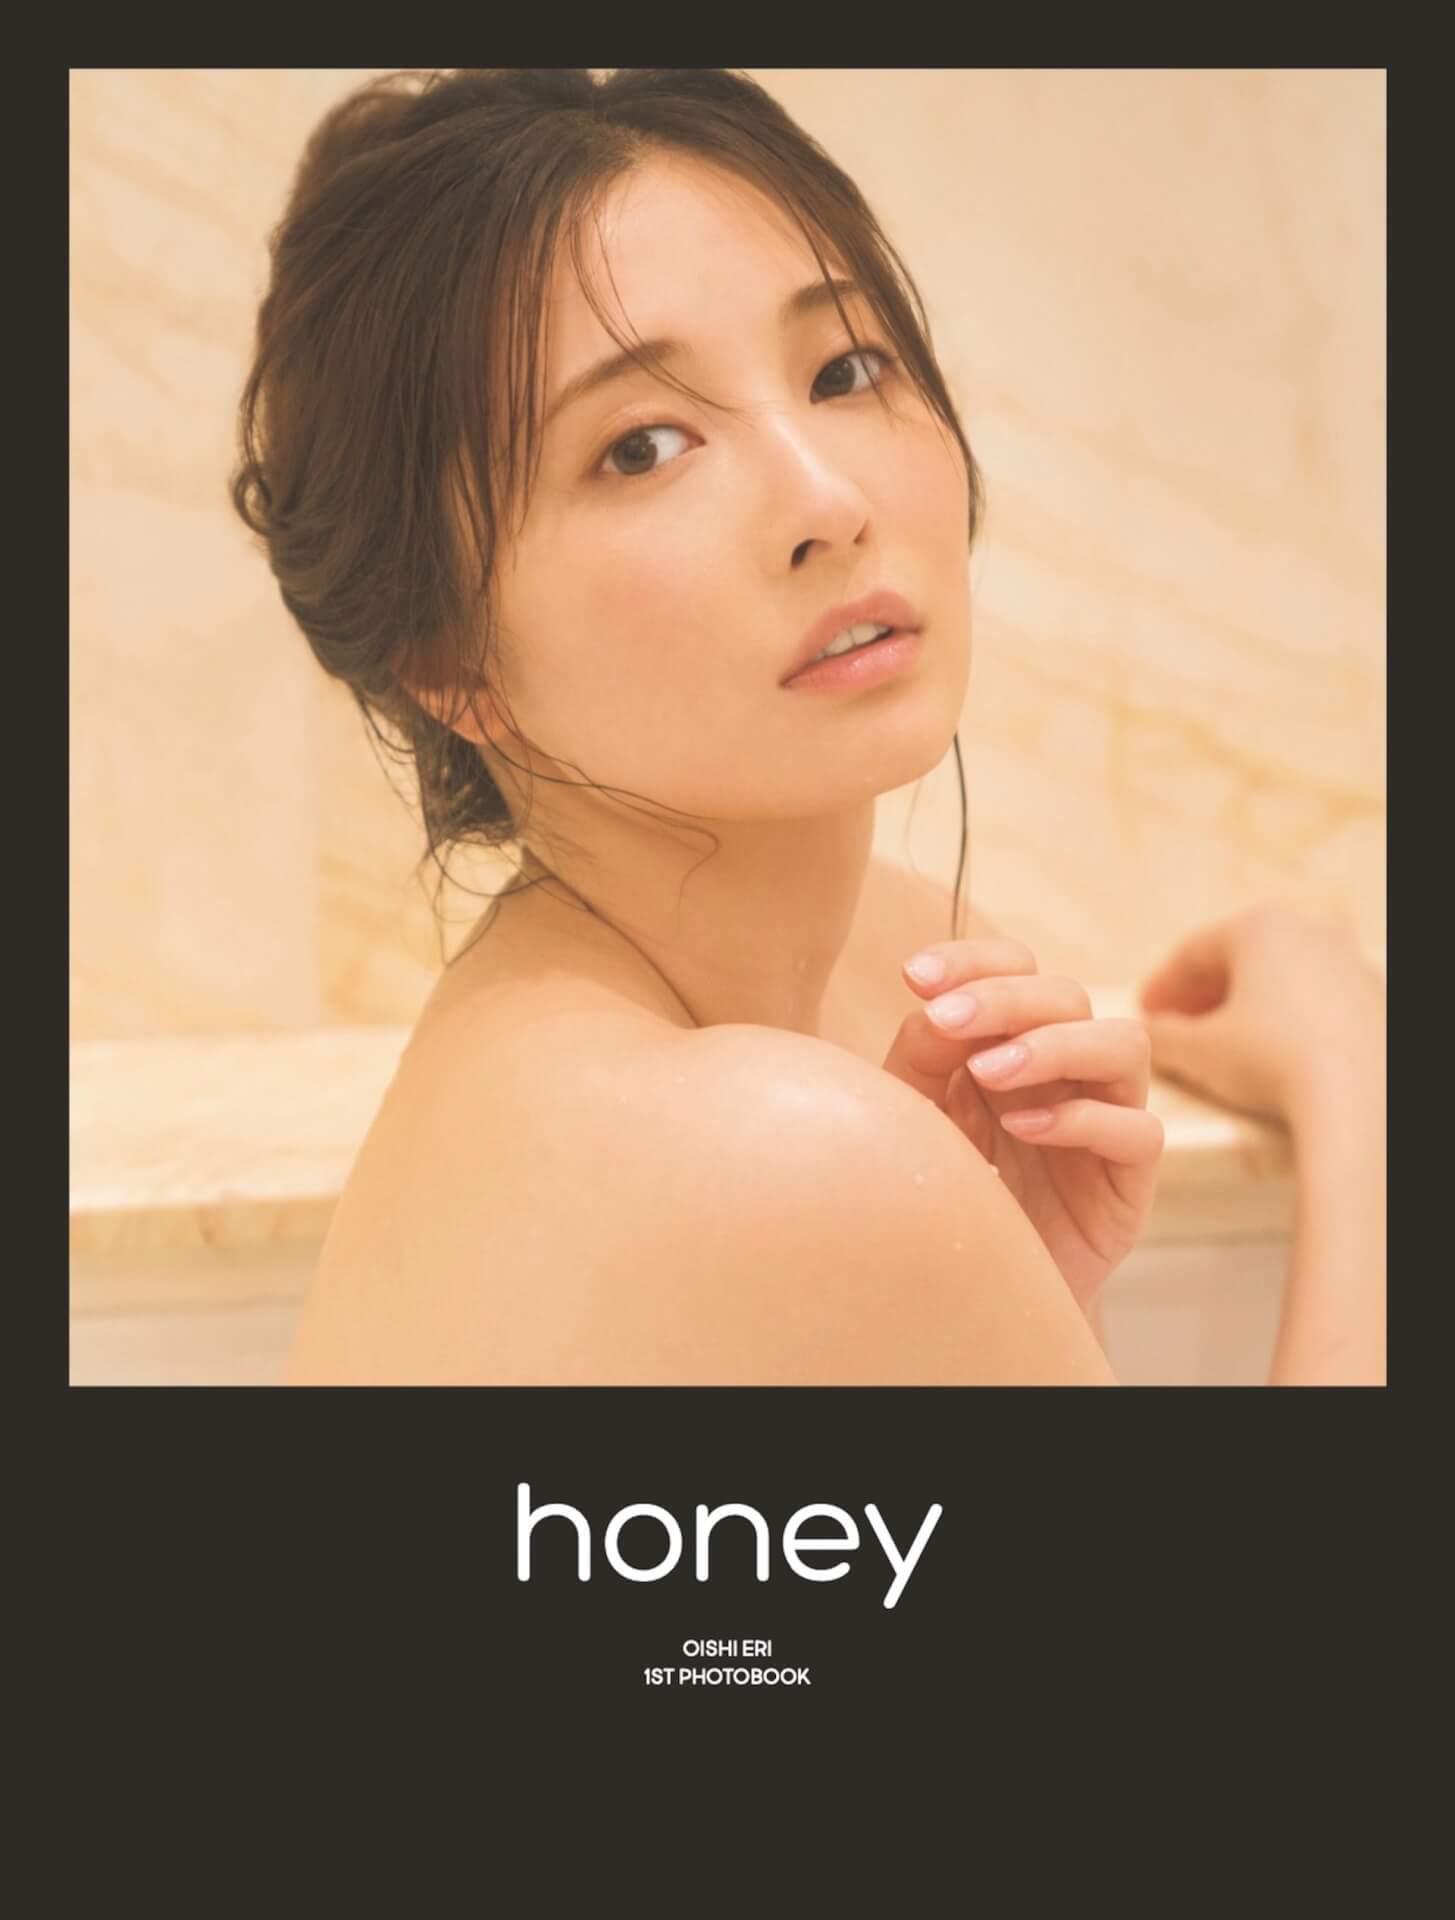 妖艶な魅力を放つ大石絵理がセミヌードにも挑戦した1st写真集『honey』の電子版が配信開始! art201222_ohishieri_1